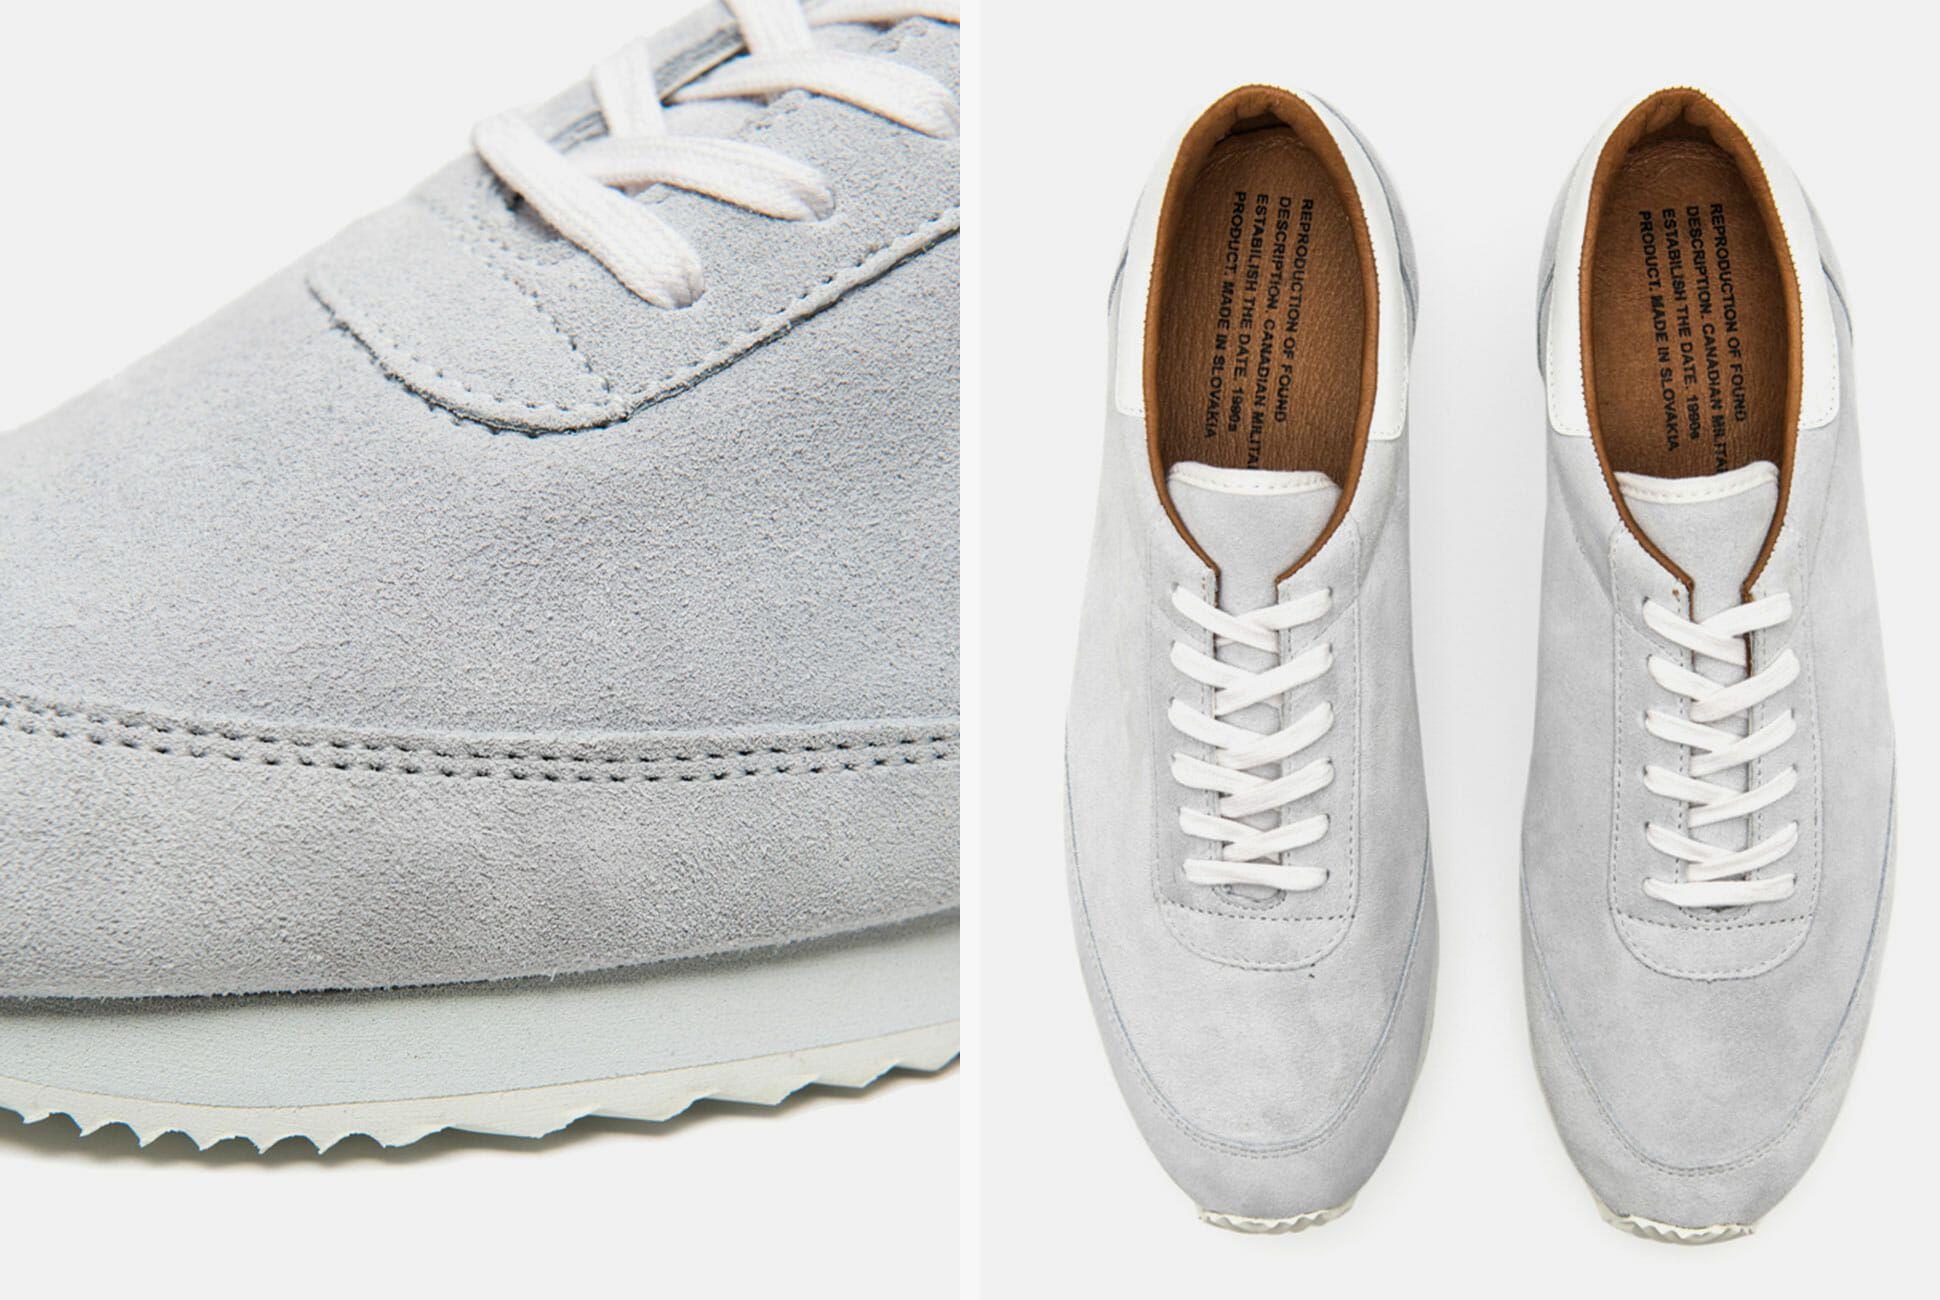 Lady-White-Co-Sneakers-Gear-Patrol-slide-4